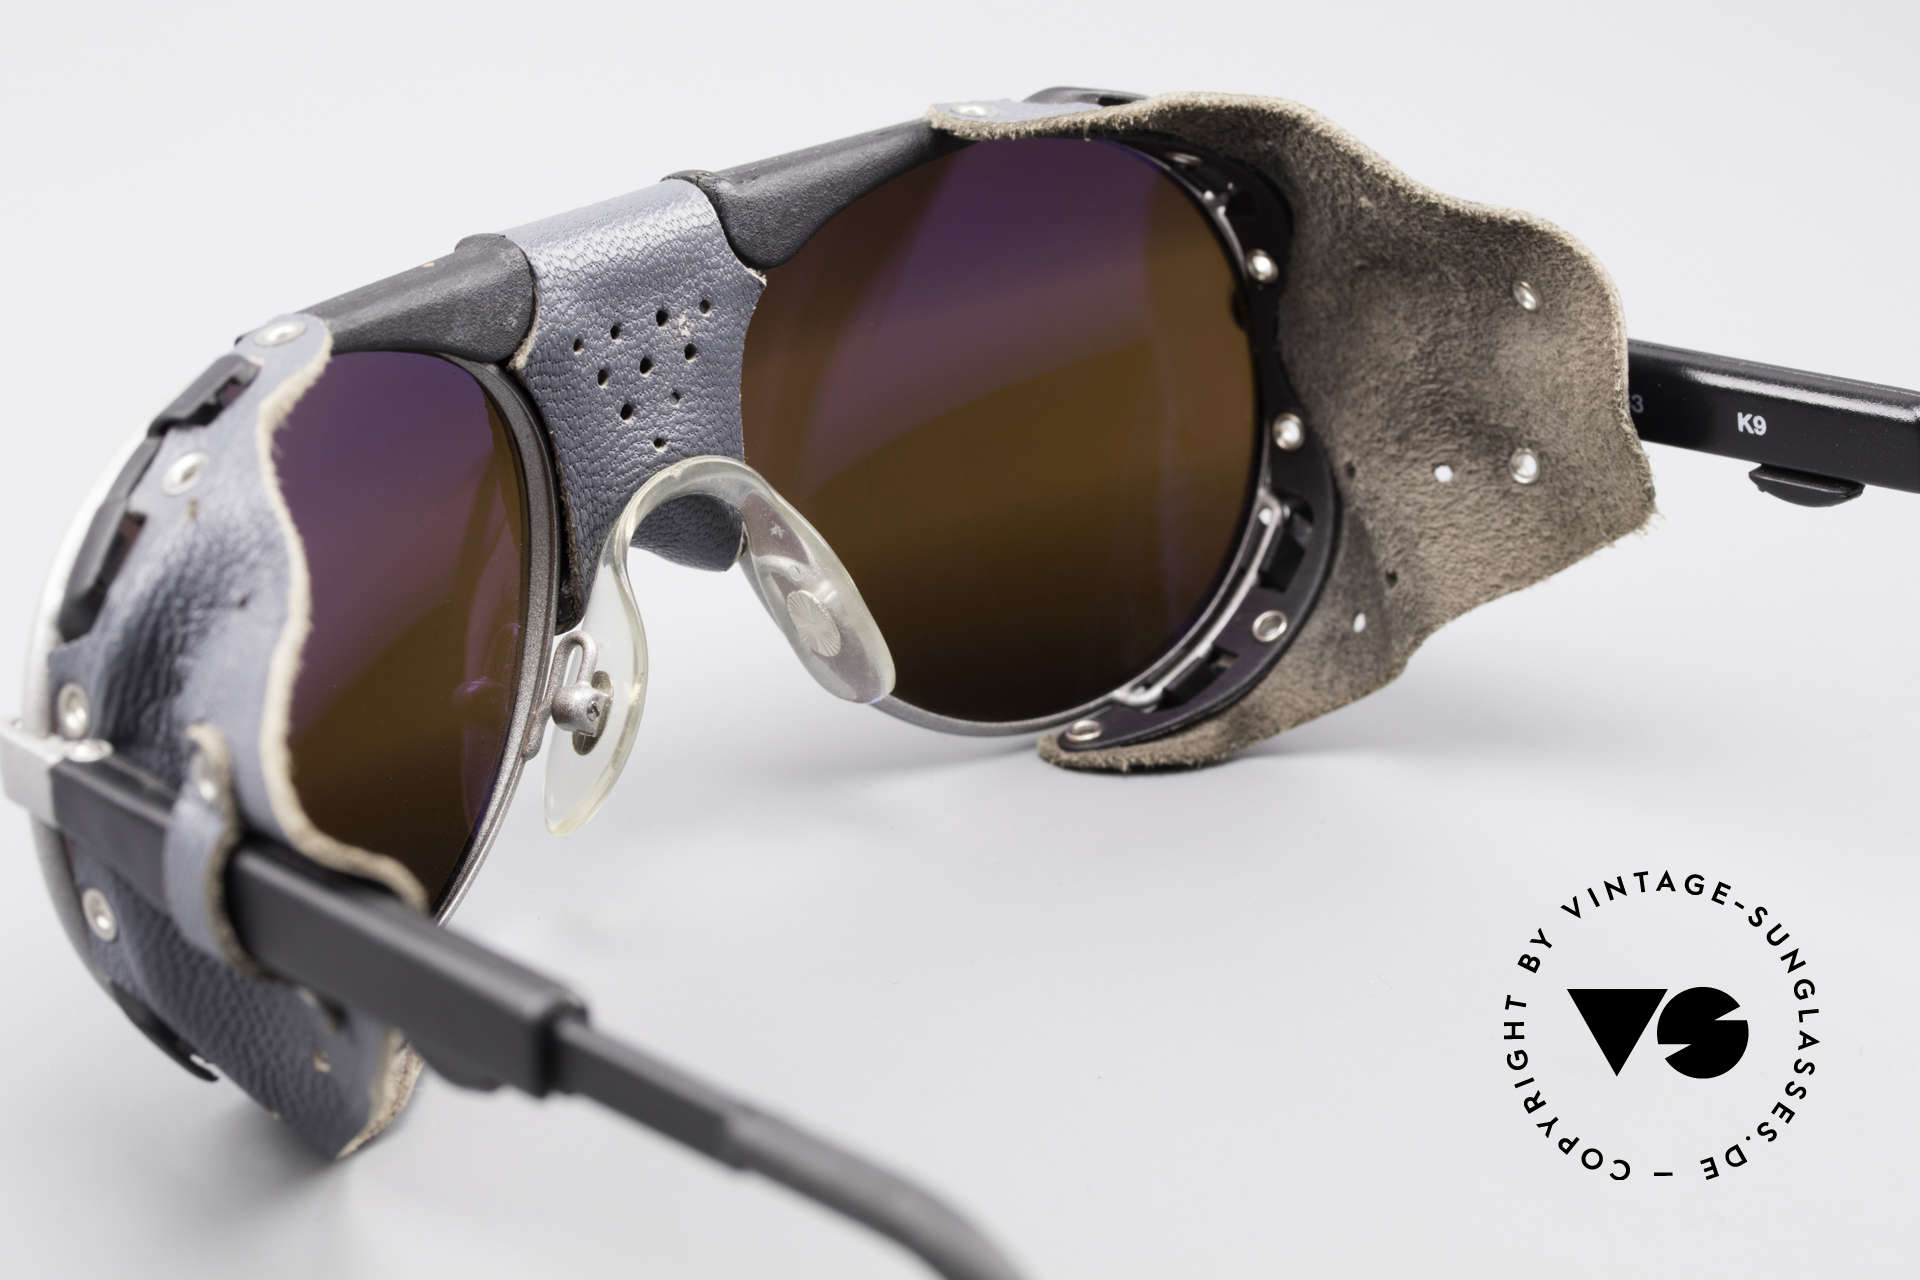 Cebe 385 Walter Cecchinel Sonnenbrille, KEIN Retro; ein 25 Jahre altes ORIGINAL in SMALL Größe, Passend für Herren und Damen